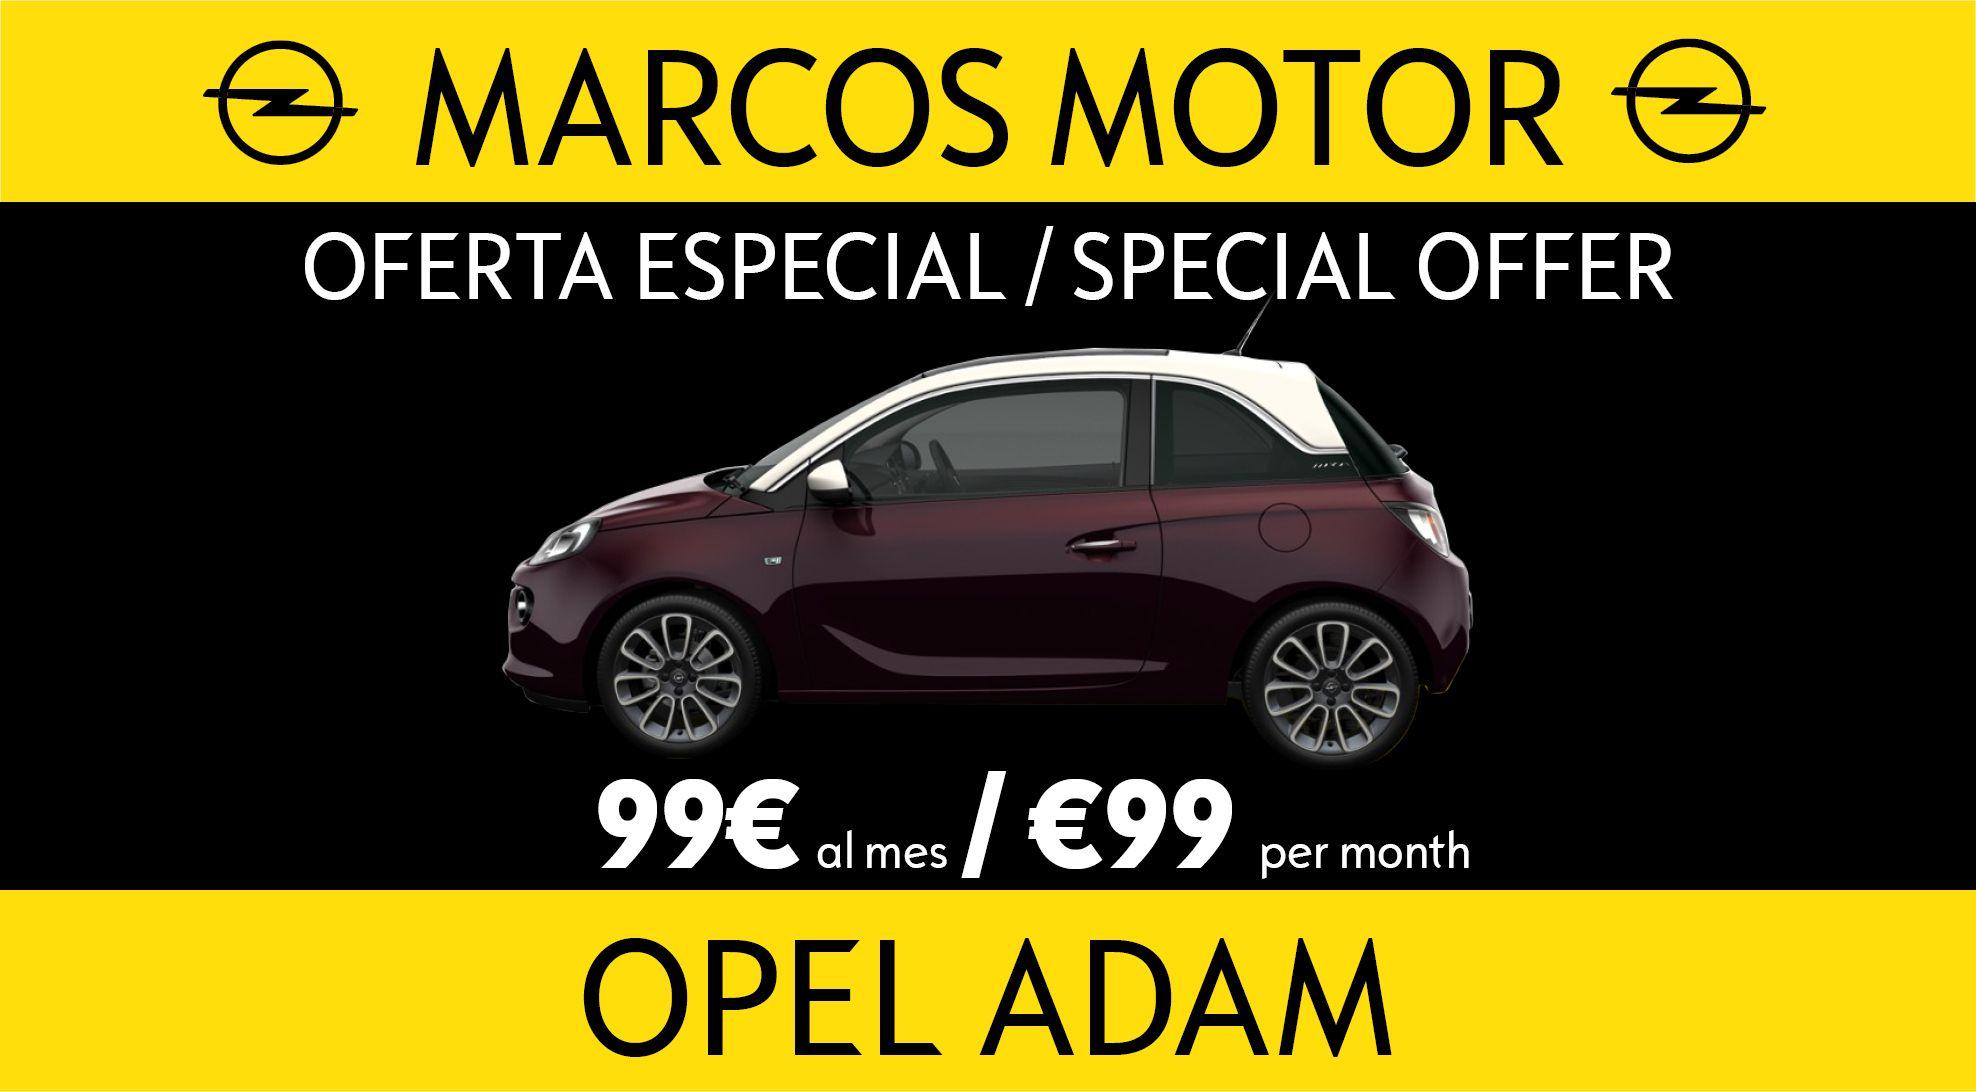 Oferta Opel Adam 99€ al mes